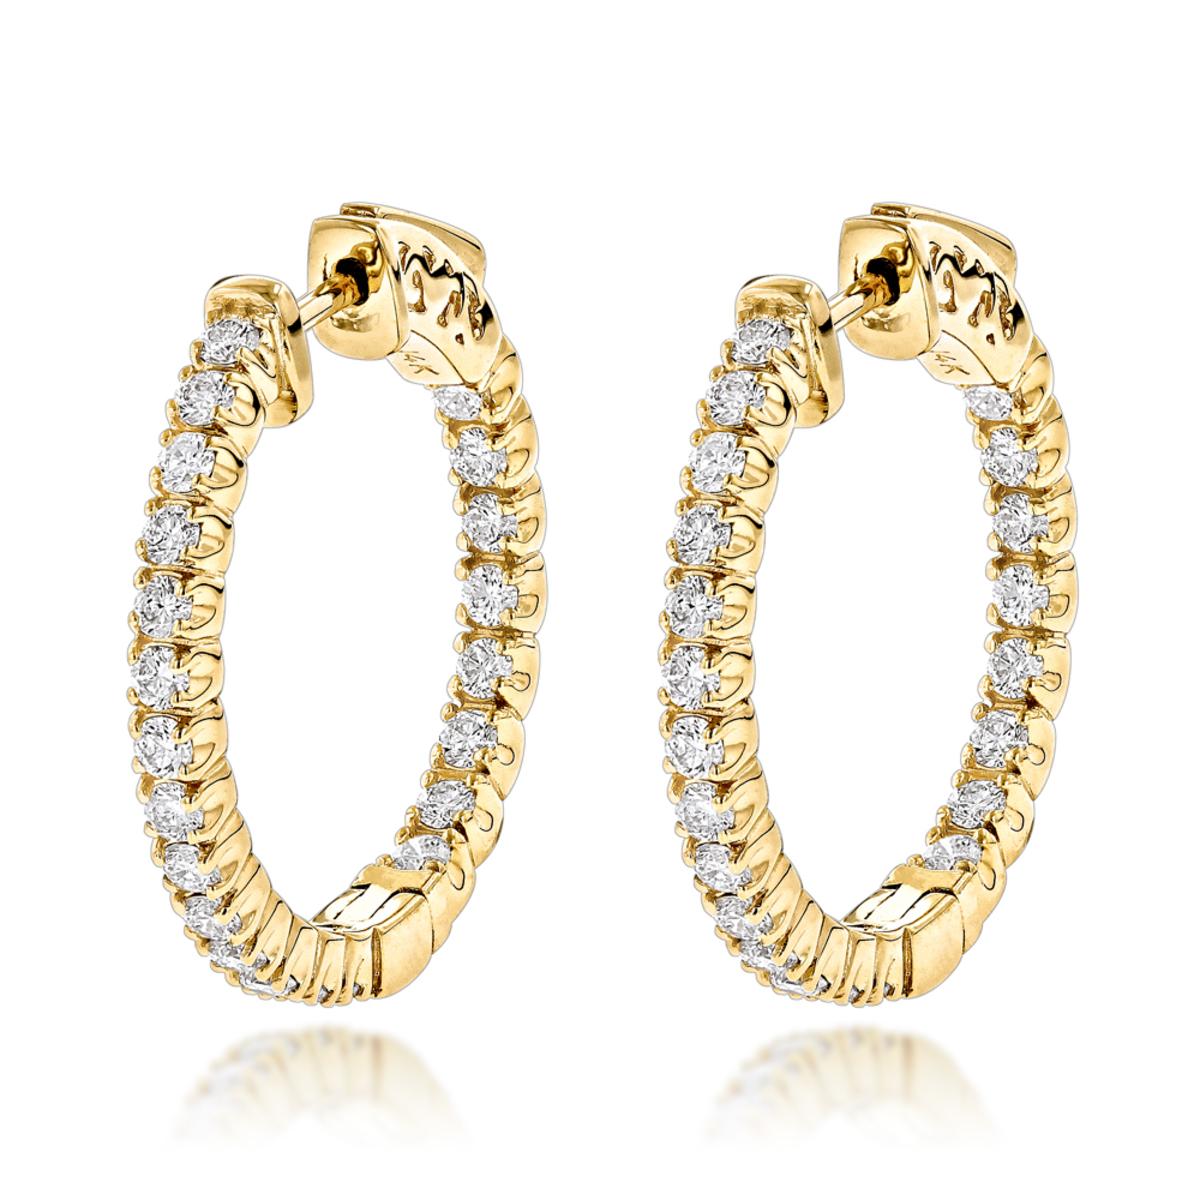 14K Gold Inside Out Diamond Hoop Earrings for Women 1.3ct 3/4in by Luxurman